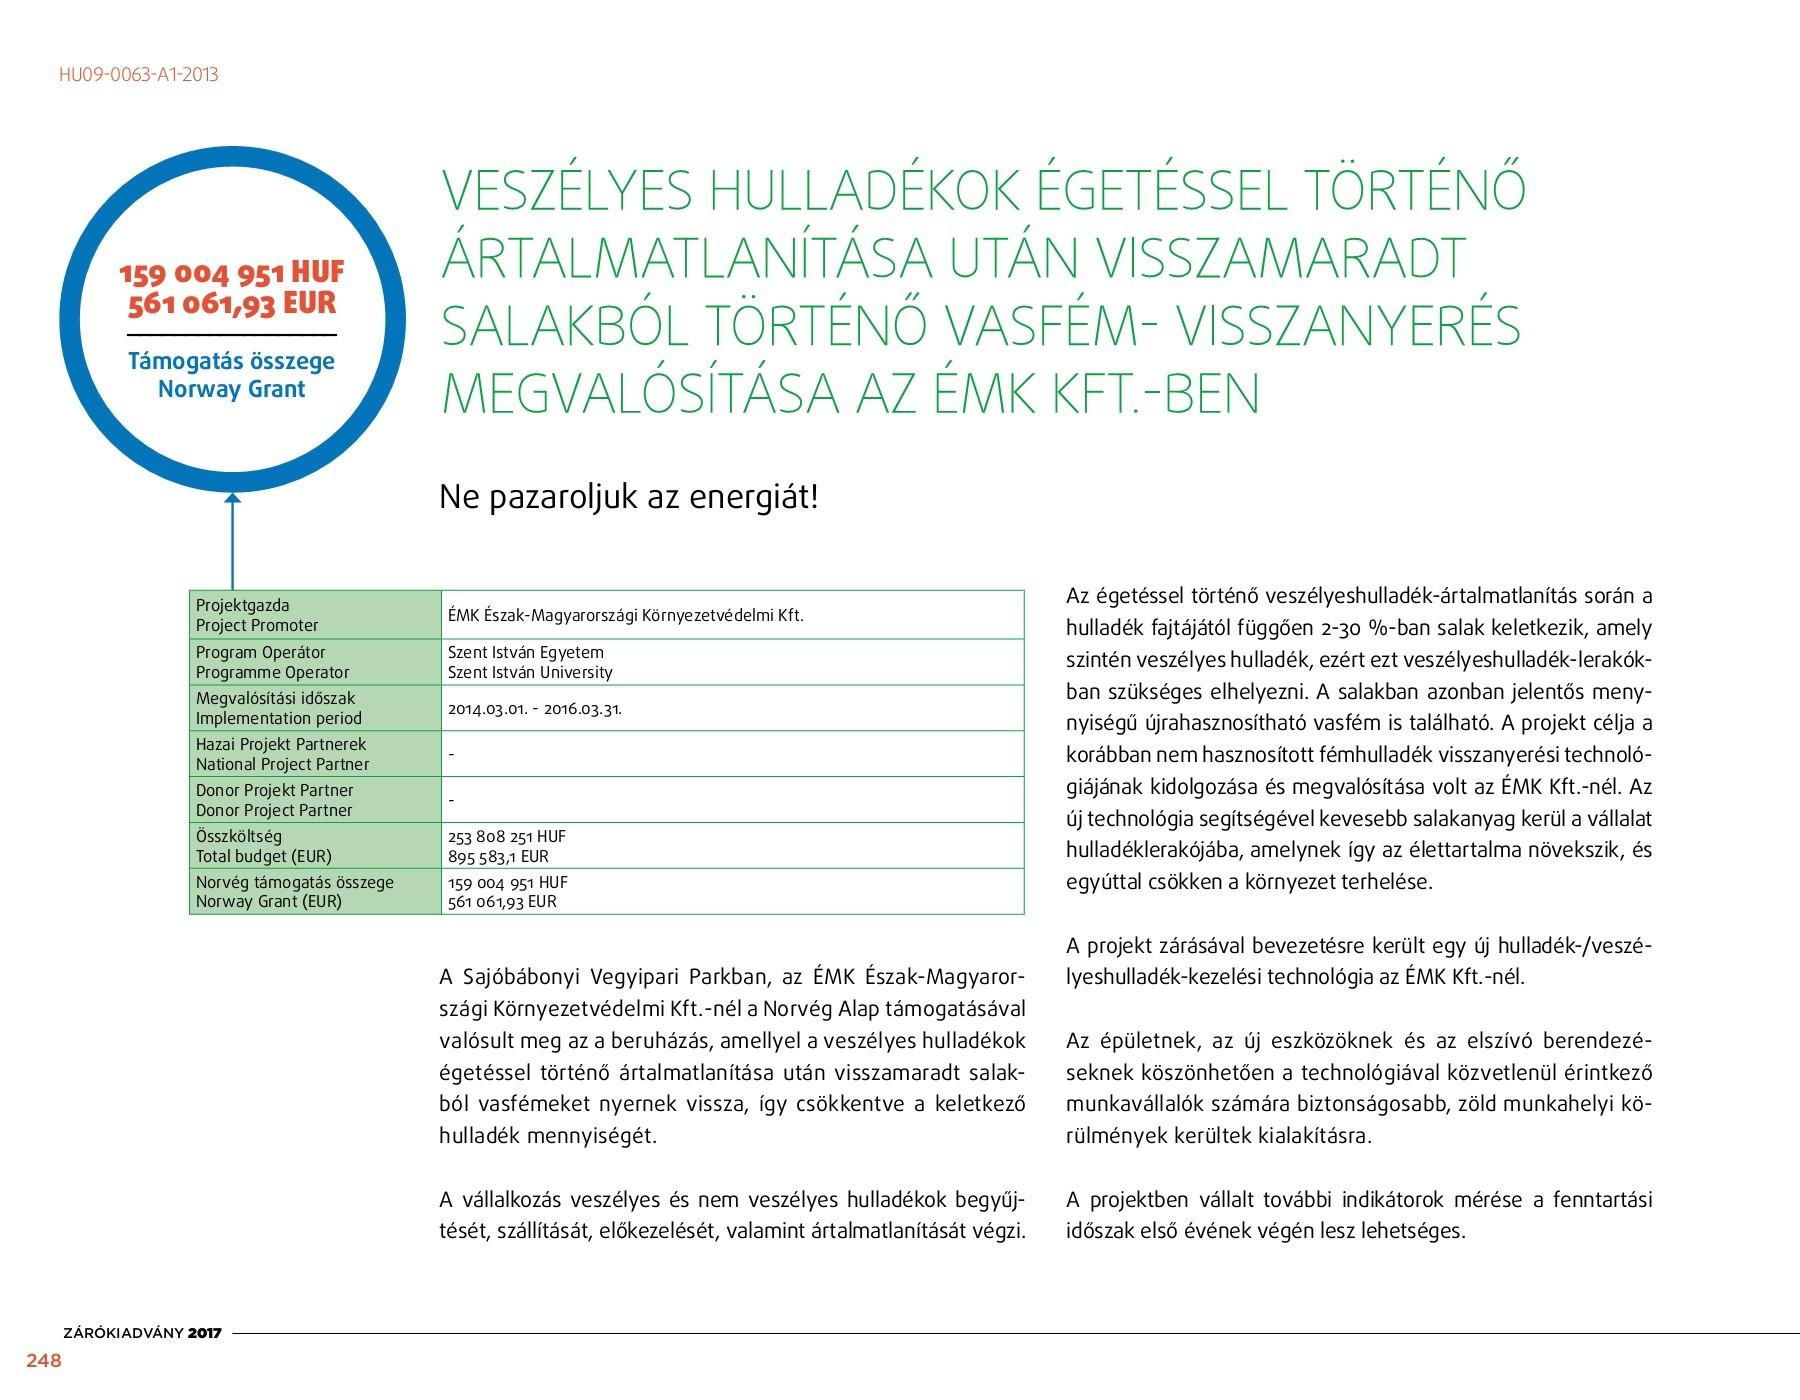 * Galandférgek (Betegségek) - Meghatározás,jelentés - Online Lexikon